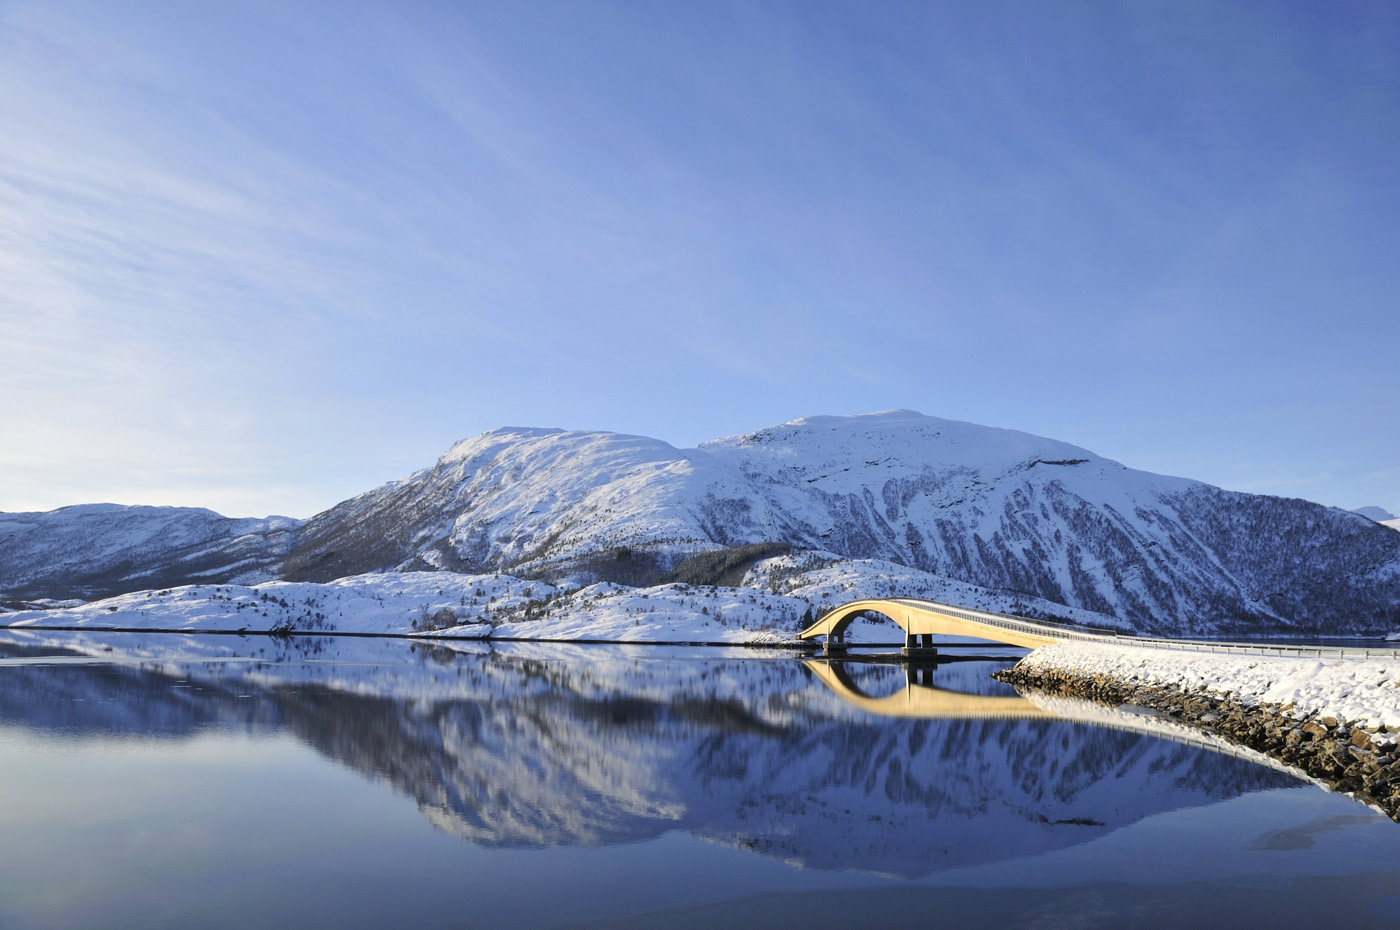 Arquitectura y paisajes de un viaje en coche por Noruega